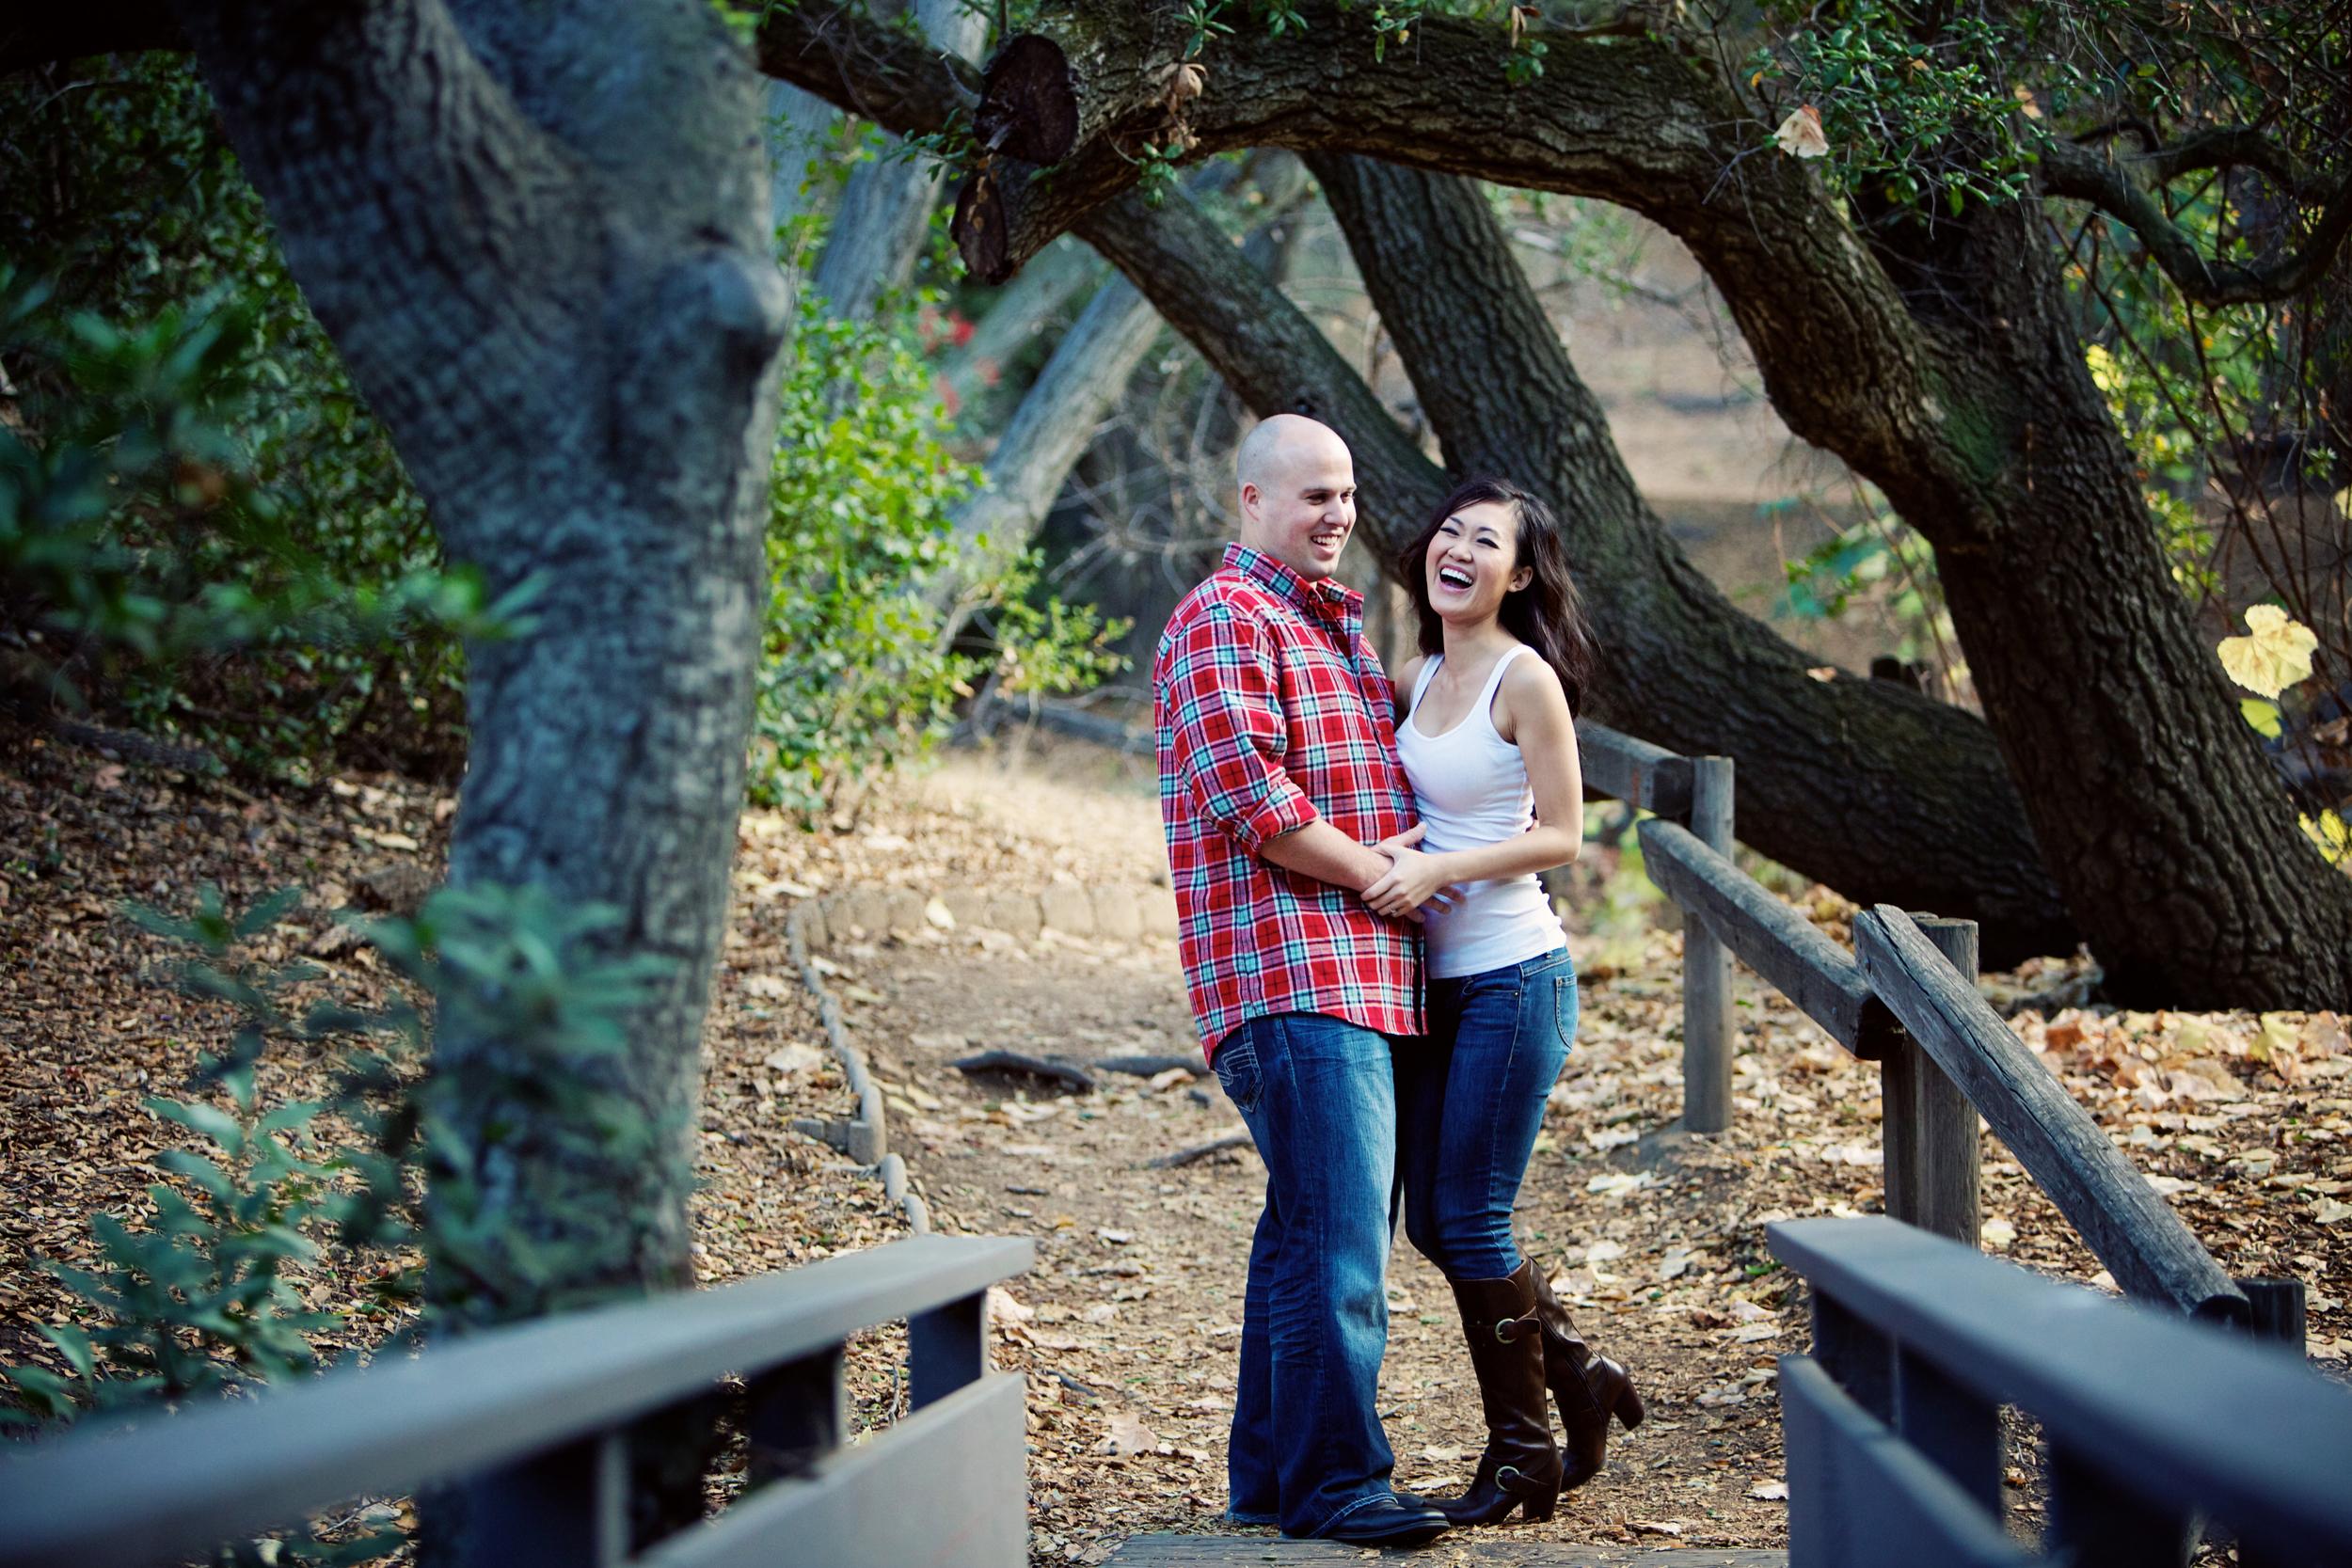 engagement-photography-oak-canyon-trails-lokitm.jpg